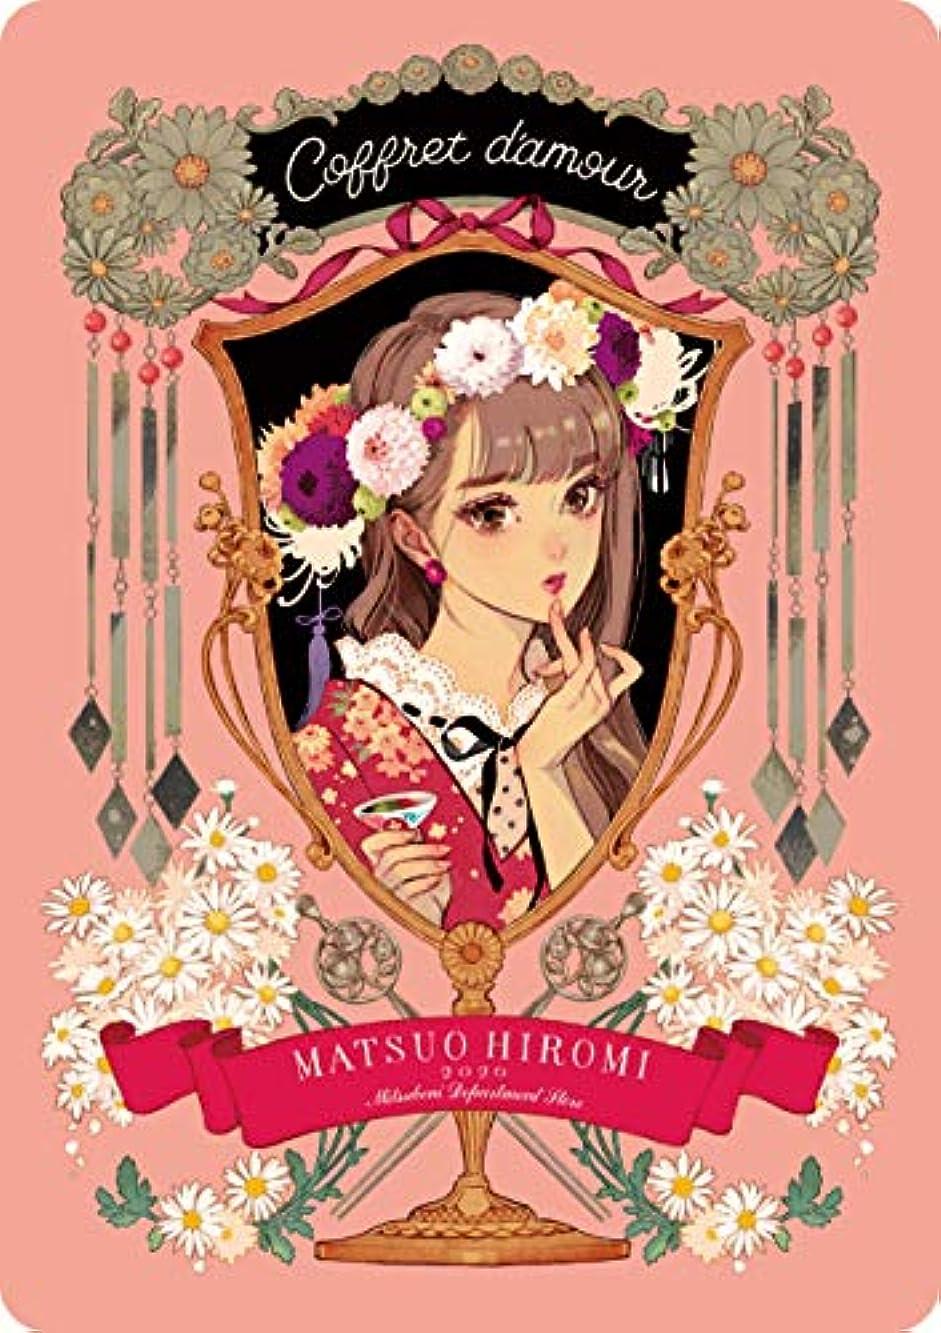 ベール抑圧によると【Amazon.co.jp 限定】Coffret d'amour マツオヒロミCALENDAR 2020 コンパクトミラー付き